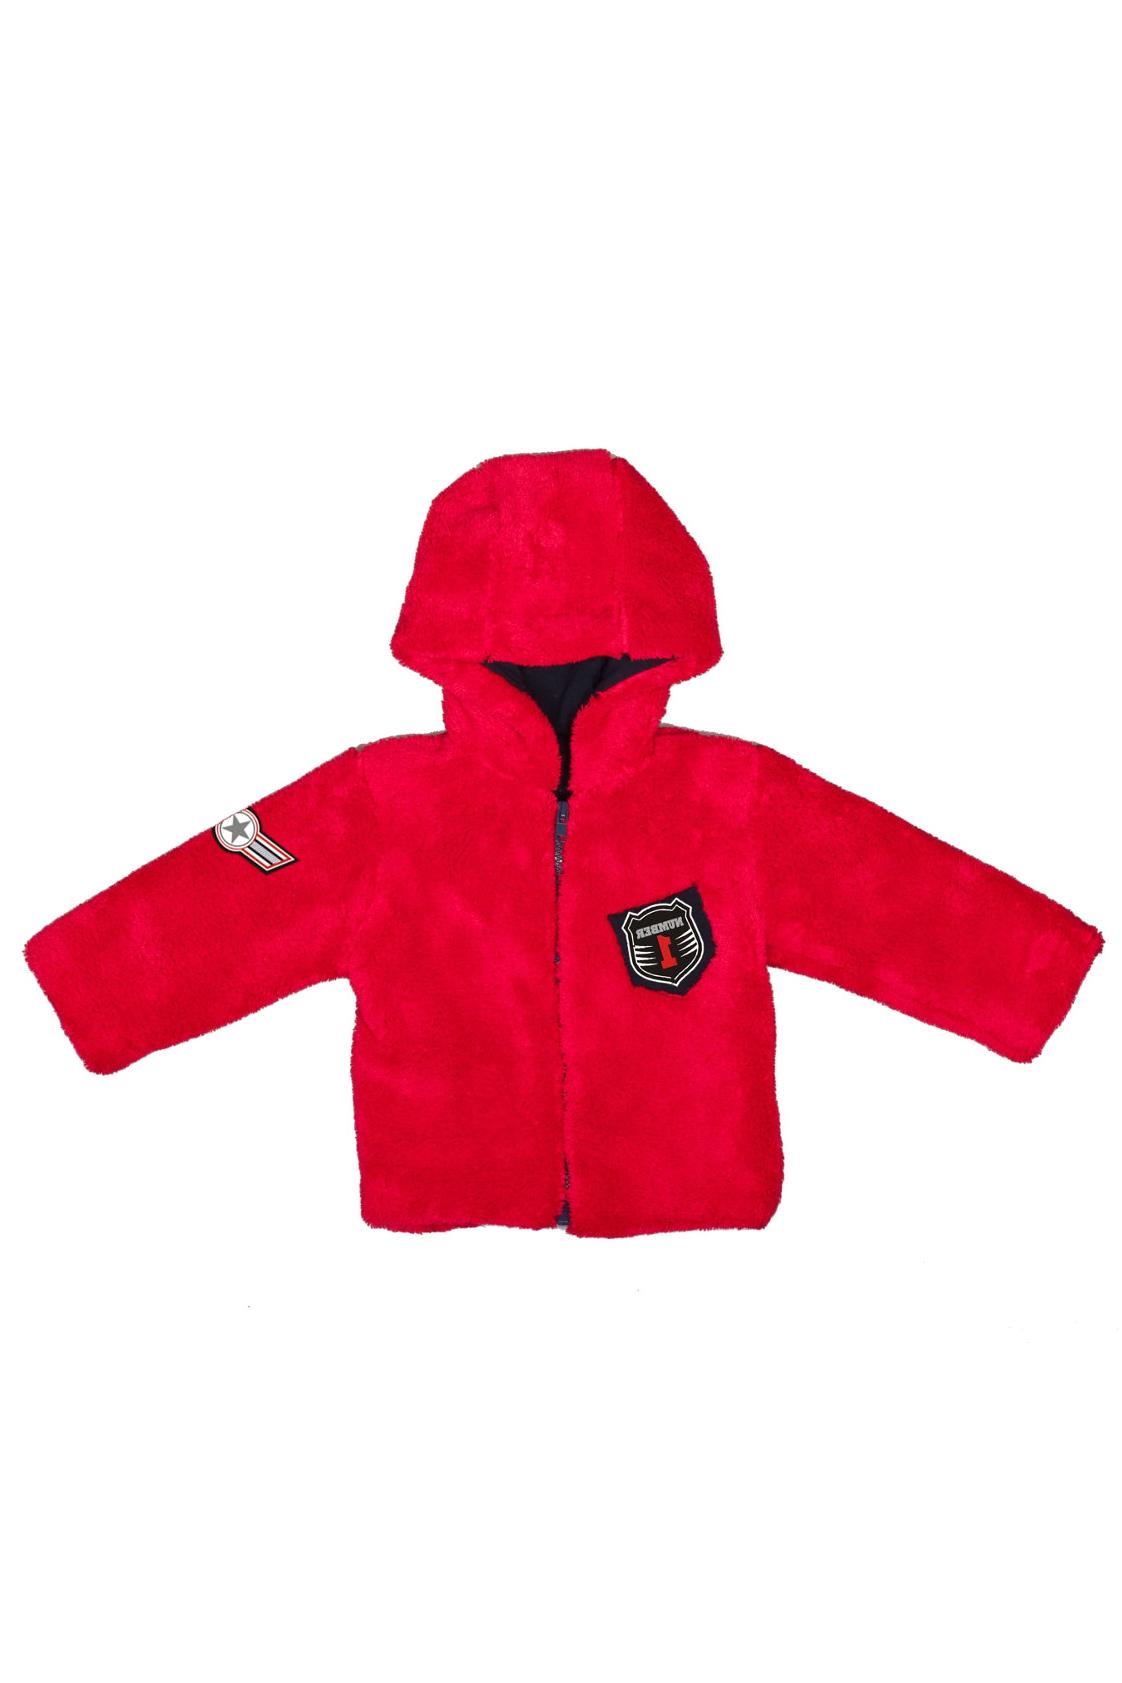 КурточкаВерхняя одежда<br>Мягкая и теплая курточка для мальчика. Подклад из 100% хлопка.В изделии использованы цвета: красныйРазмер 74 соответствует росту 70-73 смРазмер 80 соответствует росту 74-80 смРазмер 86 соответствует росту 81-86 смРазмер 92 соответствует росту 87-92 смРазмер 98 соответствует росту 93-98 смРазмер 104 соответствует росту 98-104 смРазмер 110 соответствует росту 105-110 смРазмер 116 соответствует росту 111-116 смРазмер 122 соответствует росту 117-122 смРазмер 128 соответствует росту 123-128 смРазмер 134 соответствует росту 129-134 смРазмер 140 соответствует росту 135-140 см<br><br>Рукав: Длинный рукав<br>Возраст: Ясельные ( от 1 до 3 лет)<br>Длина: Миди<br>Образ: Повседневные<br>Рисунок: Однотонные<br>Сезон: Весна,Осень<br>Силуэт: Полуприталенные<br>Стиль: Повседневные<br>Элементы: С капюшоном,С молнией,С подкладом<br>Размер : 74,80,86,92<br>Материал: Велсофт<br>Количество в наличии: 6